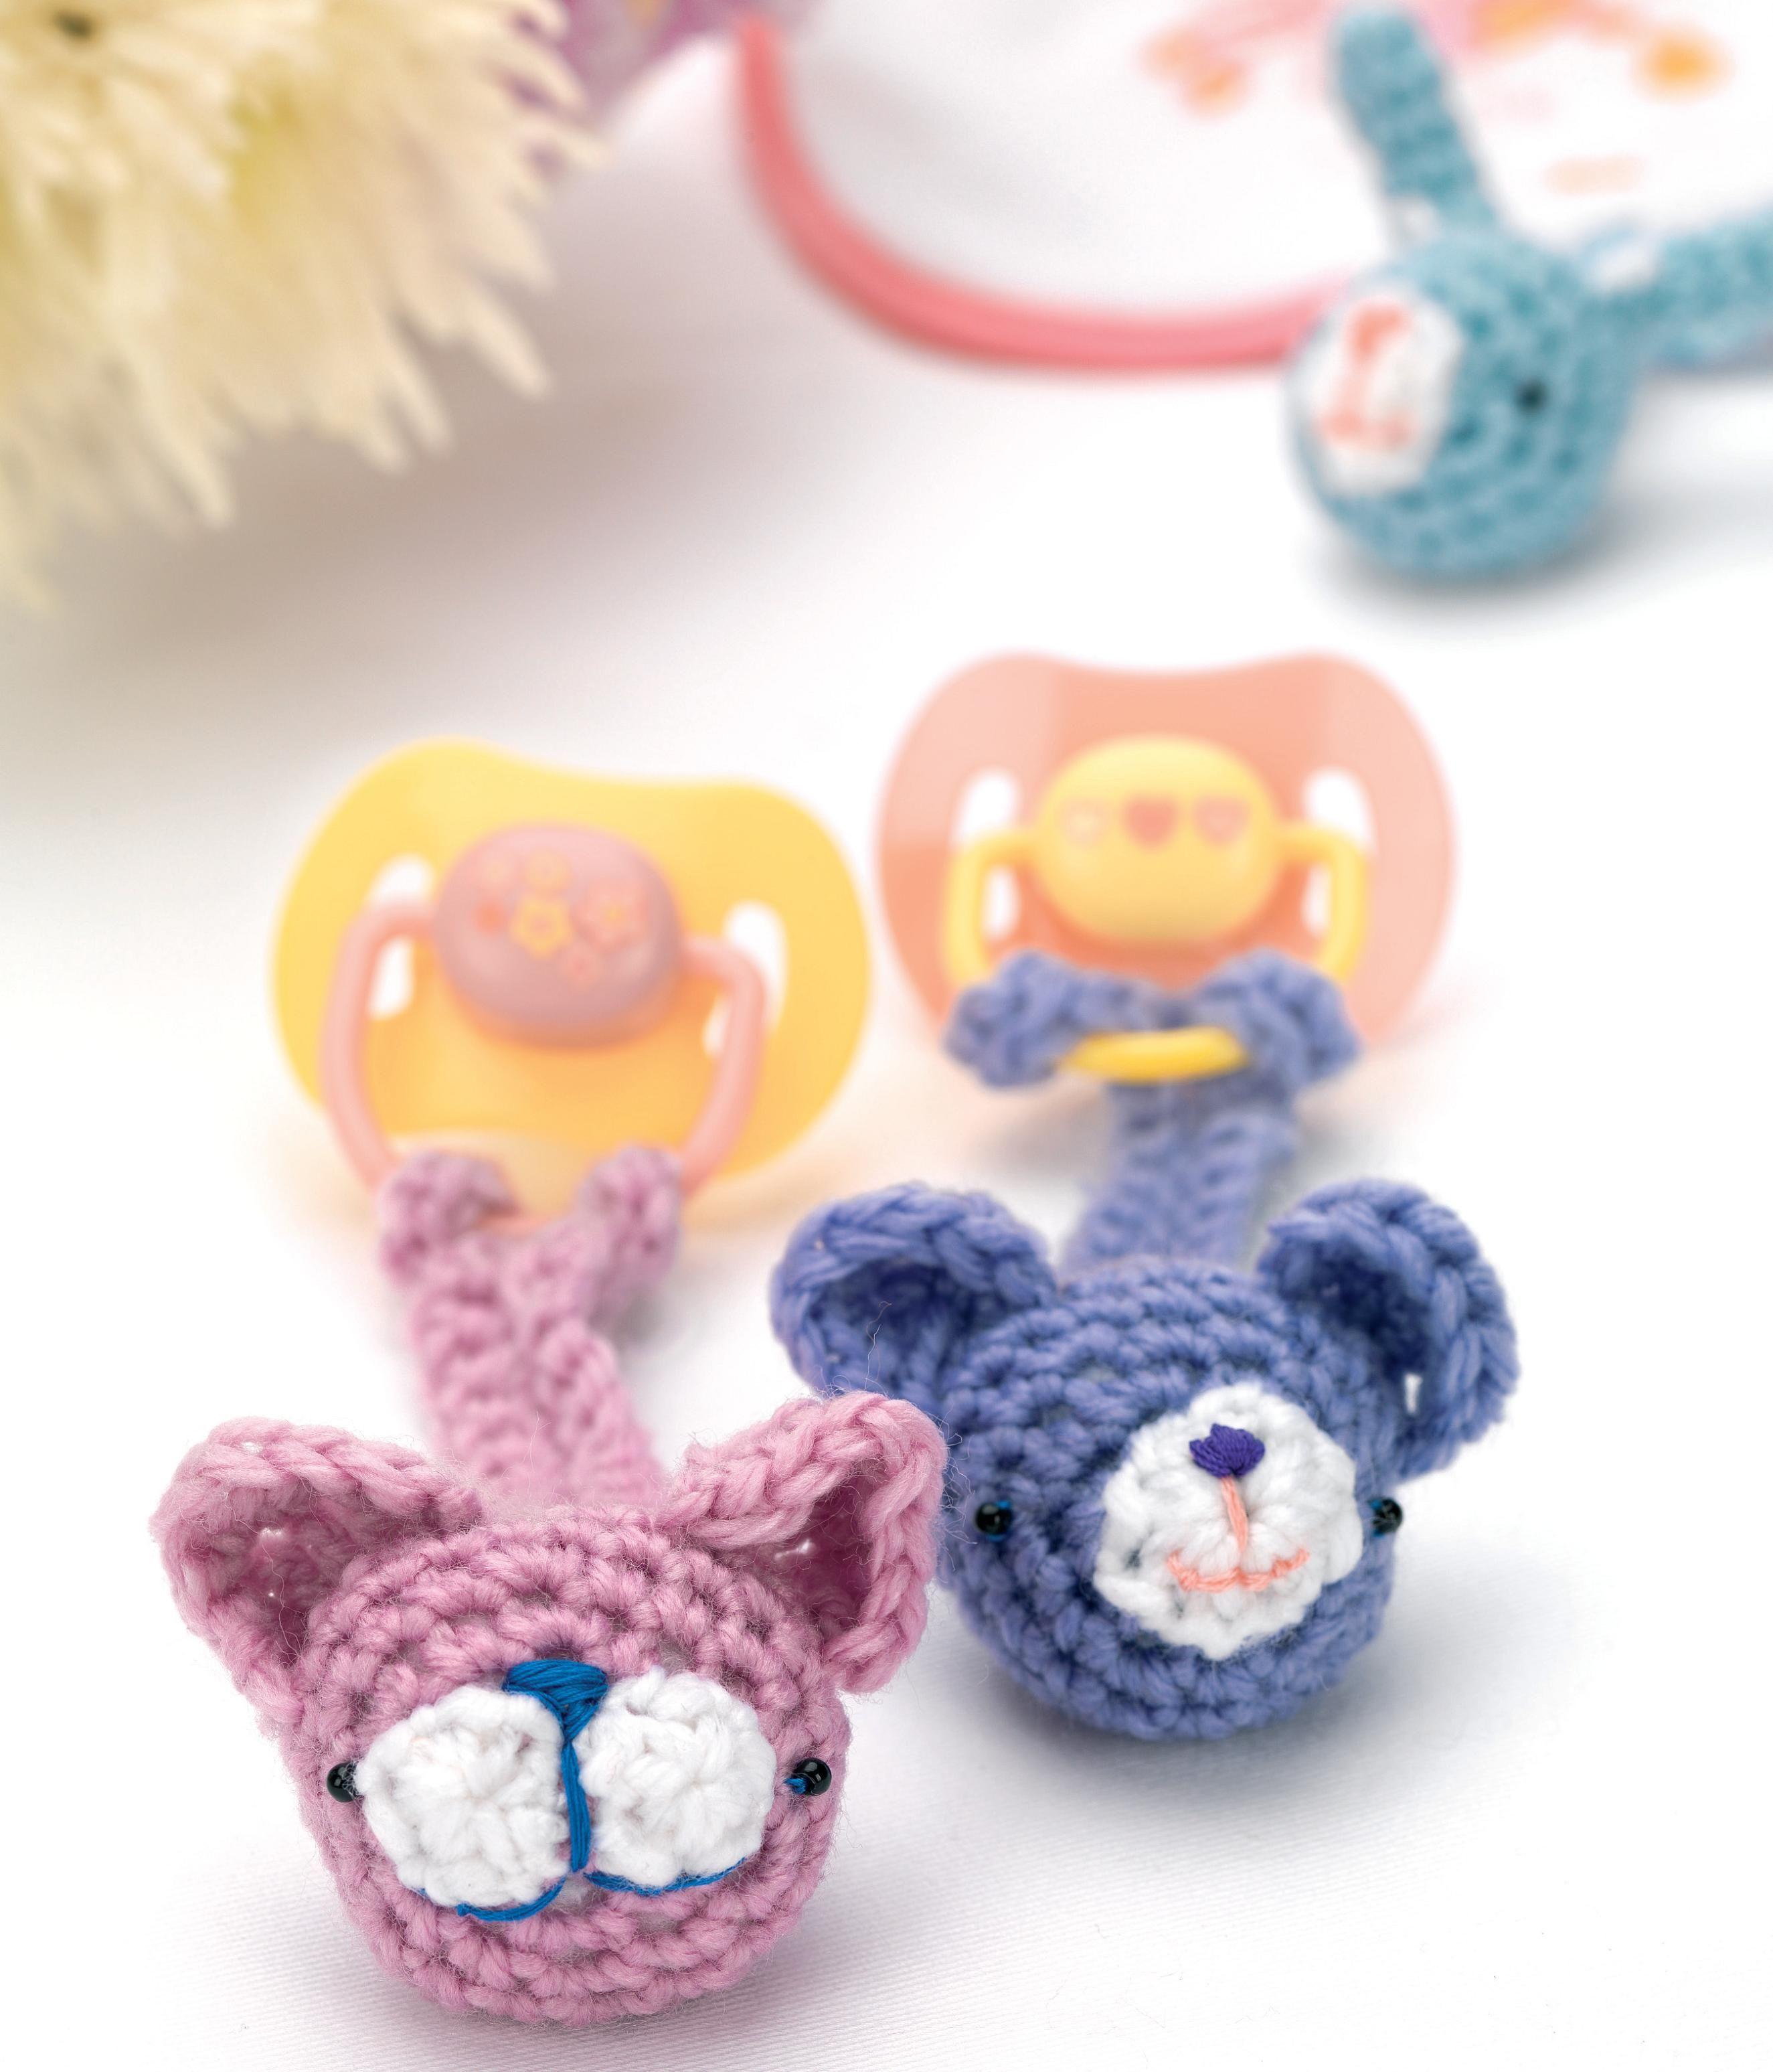 Pin von Debbie Smith auf crochet | Pinterest | Wolle und Häkeln